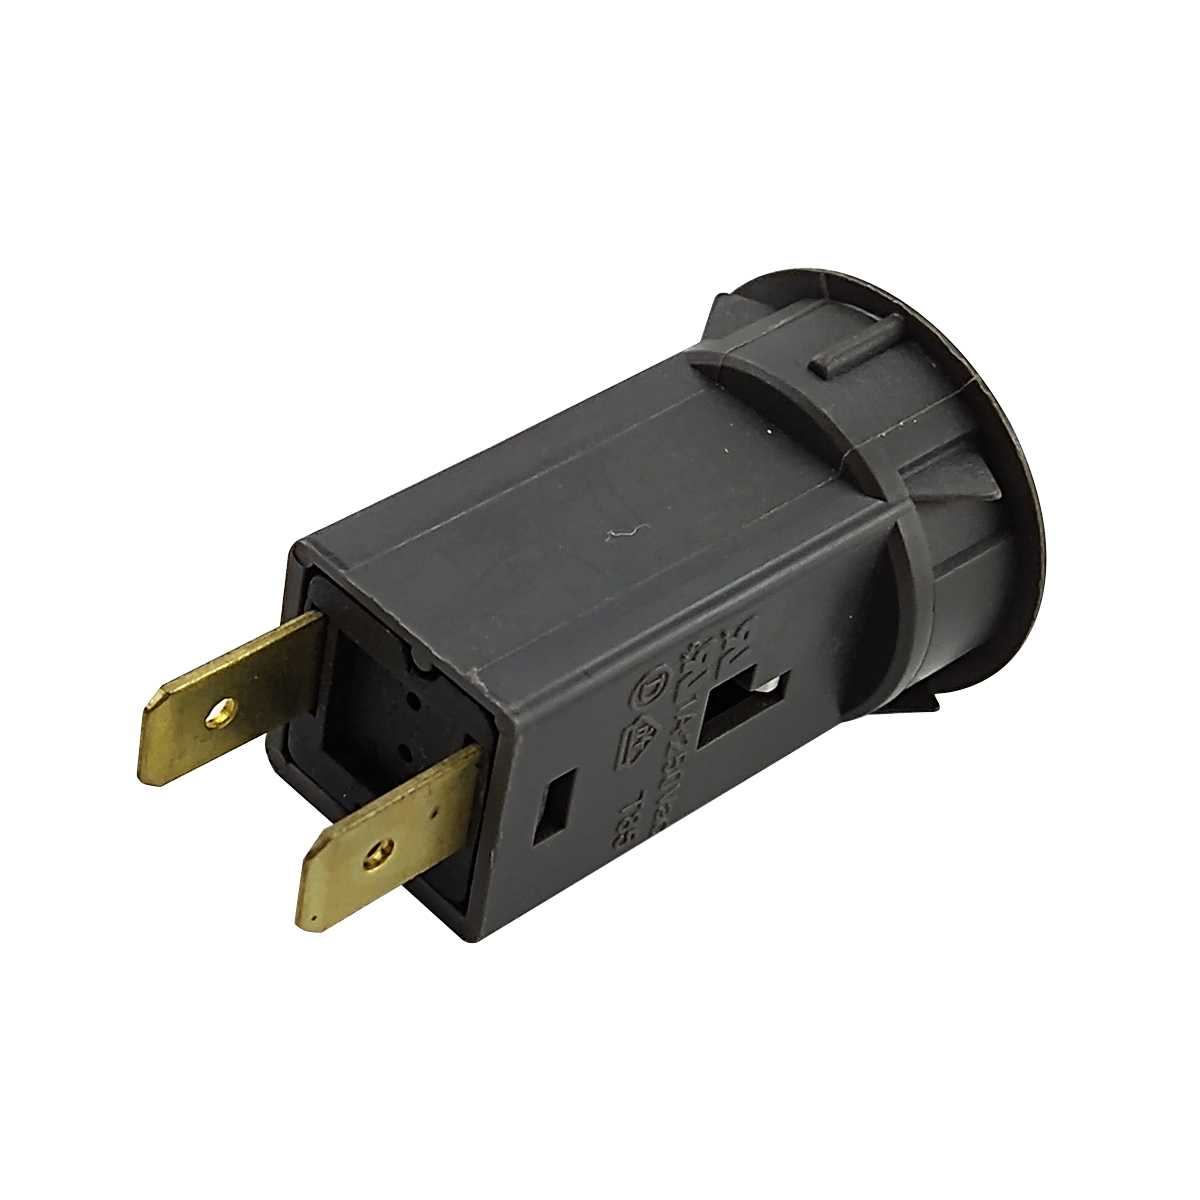 Interruptor da luz compatível para fogão fogão Ge e Dako